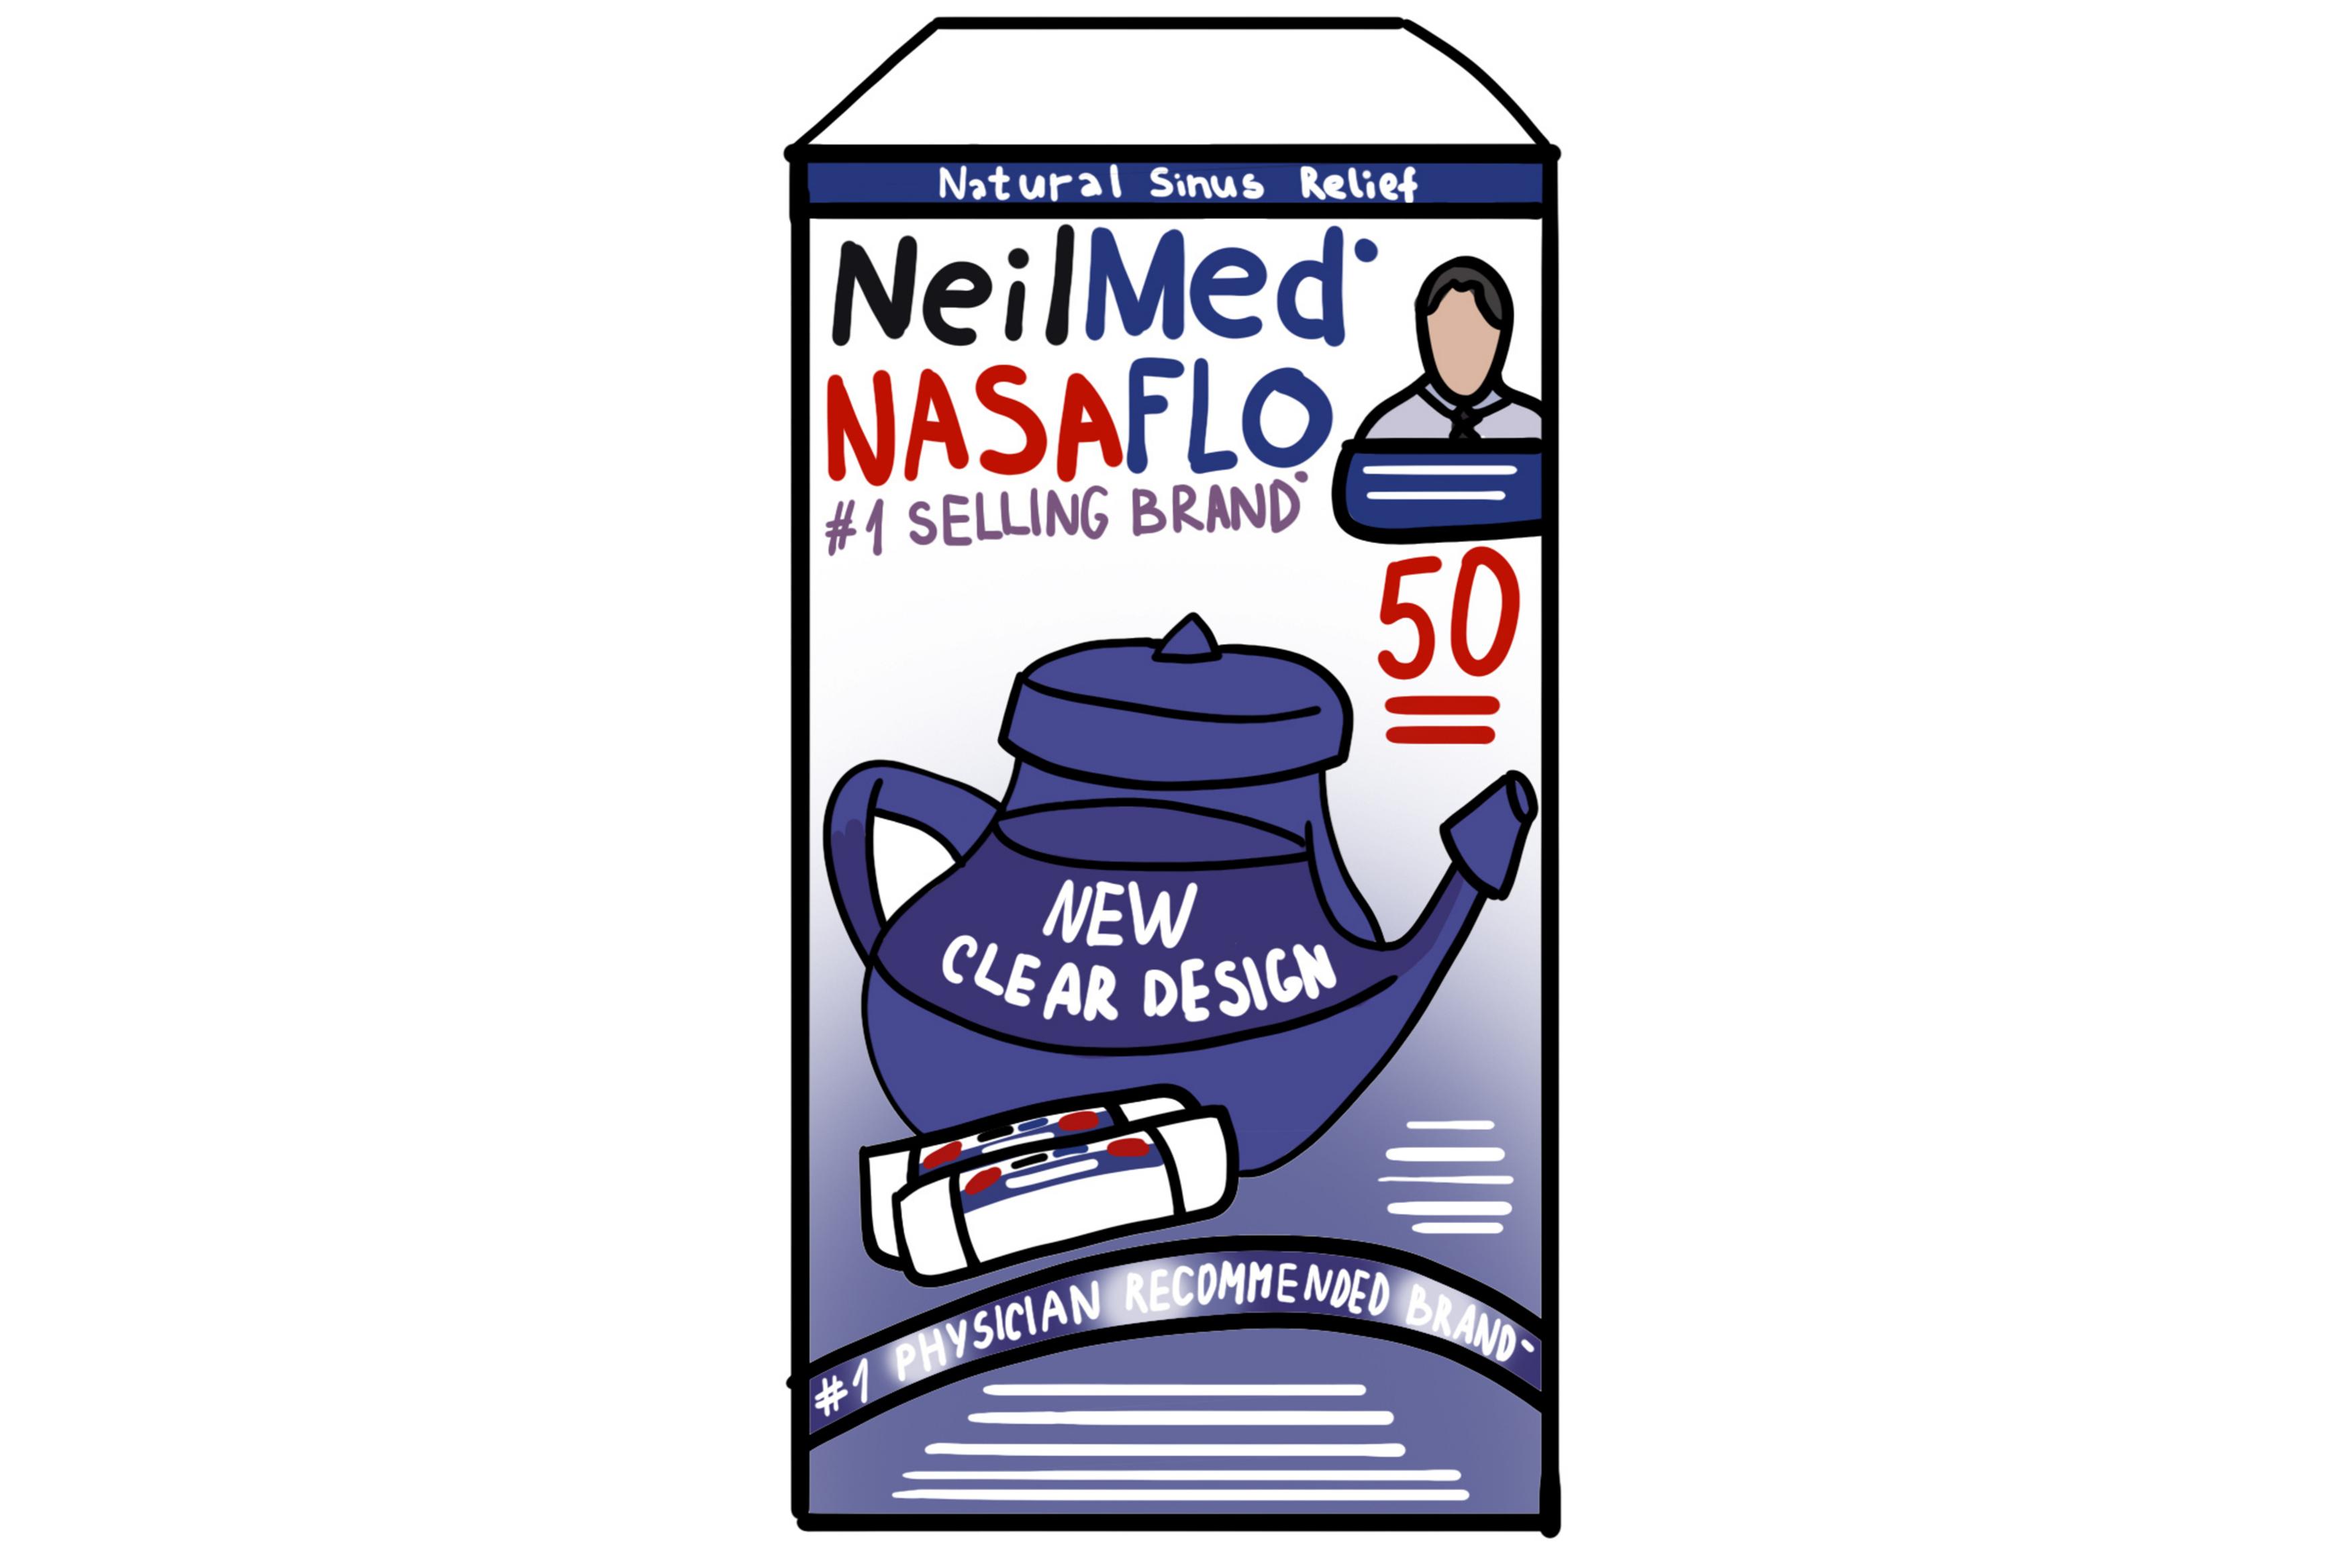 NeilMed® NasaFlo® Neti Pot: Neti-Pot or Neti-Not? A Review on the Allergic Rhinitis Treatment